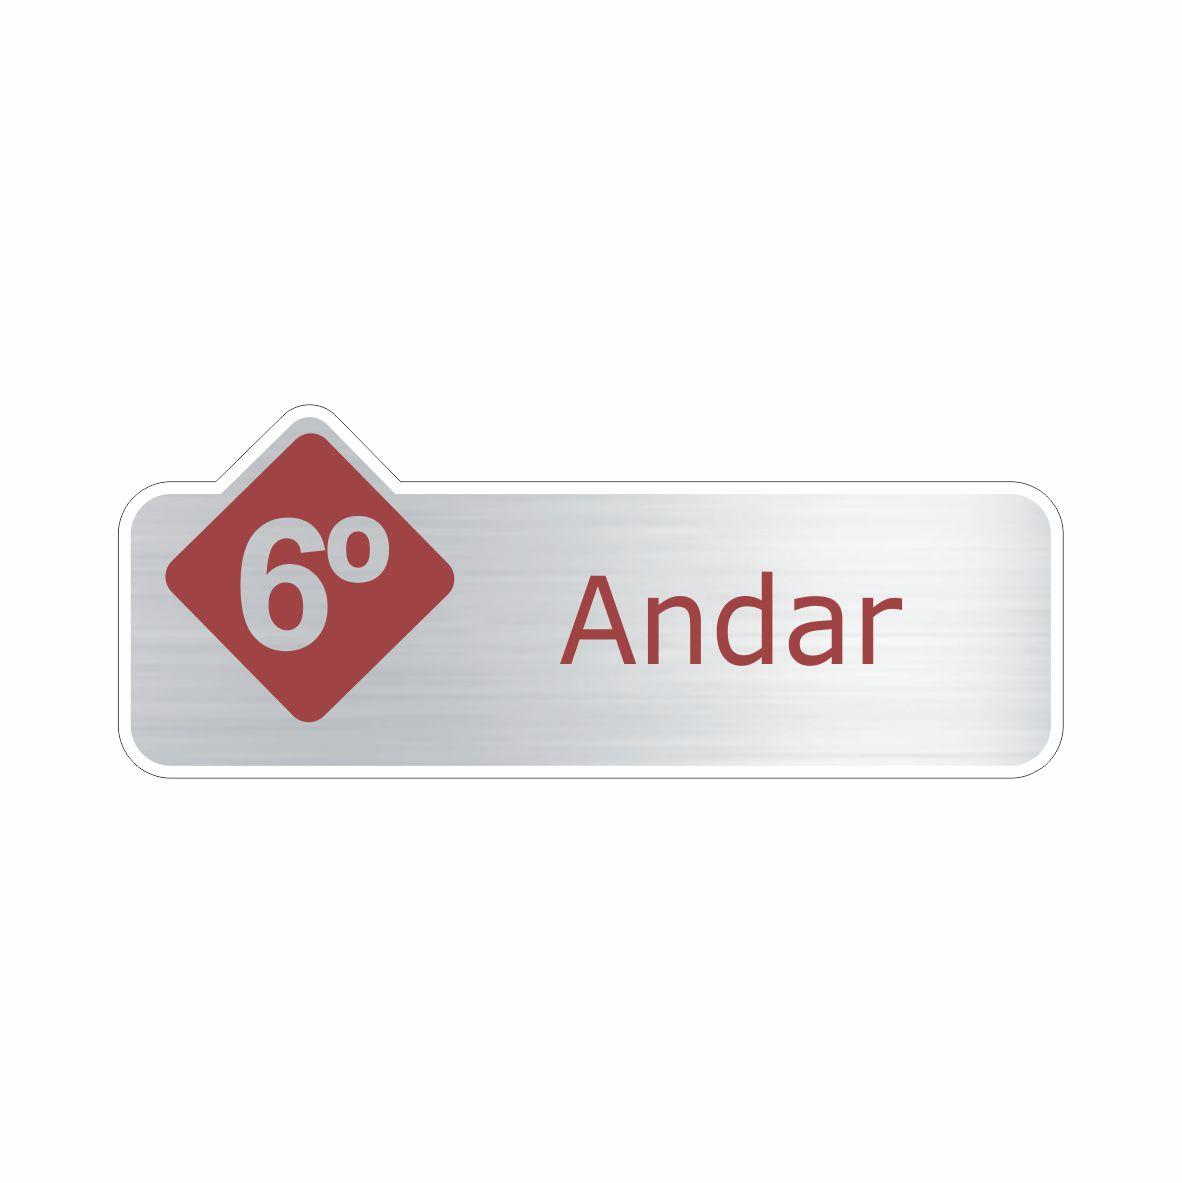 6º Andar  - Towbar Sinalização de Segurança